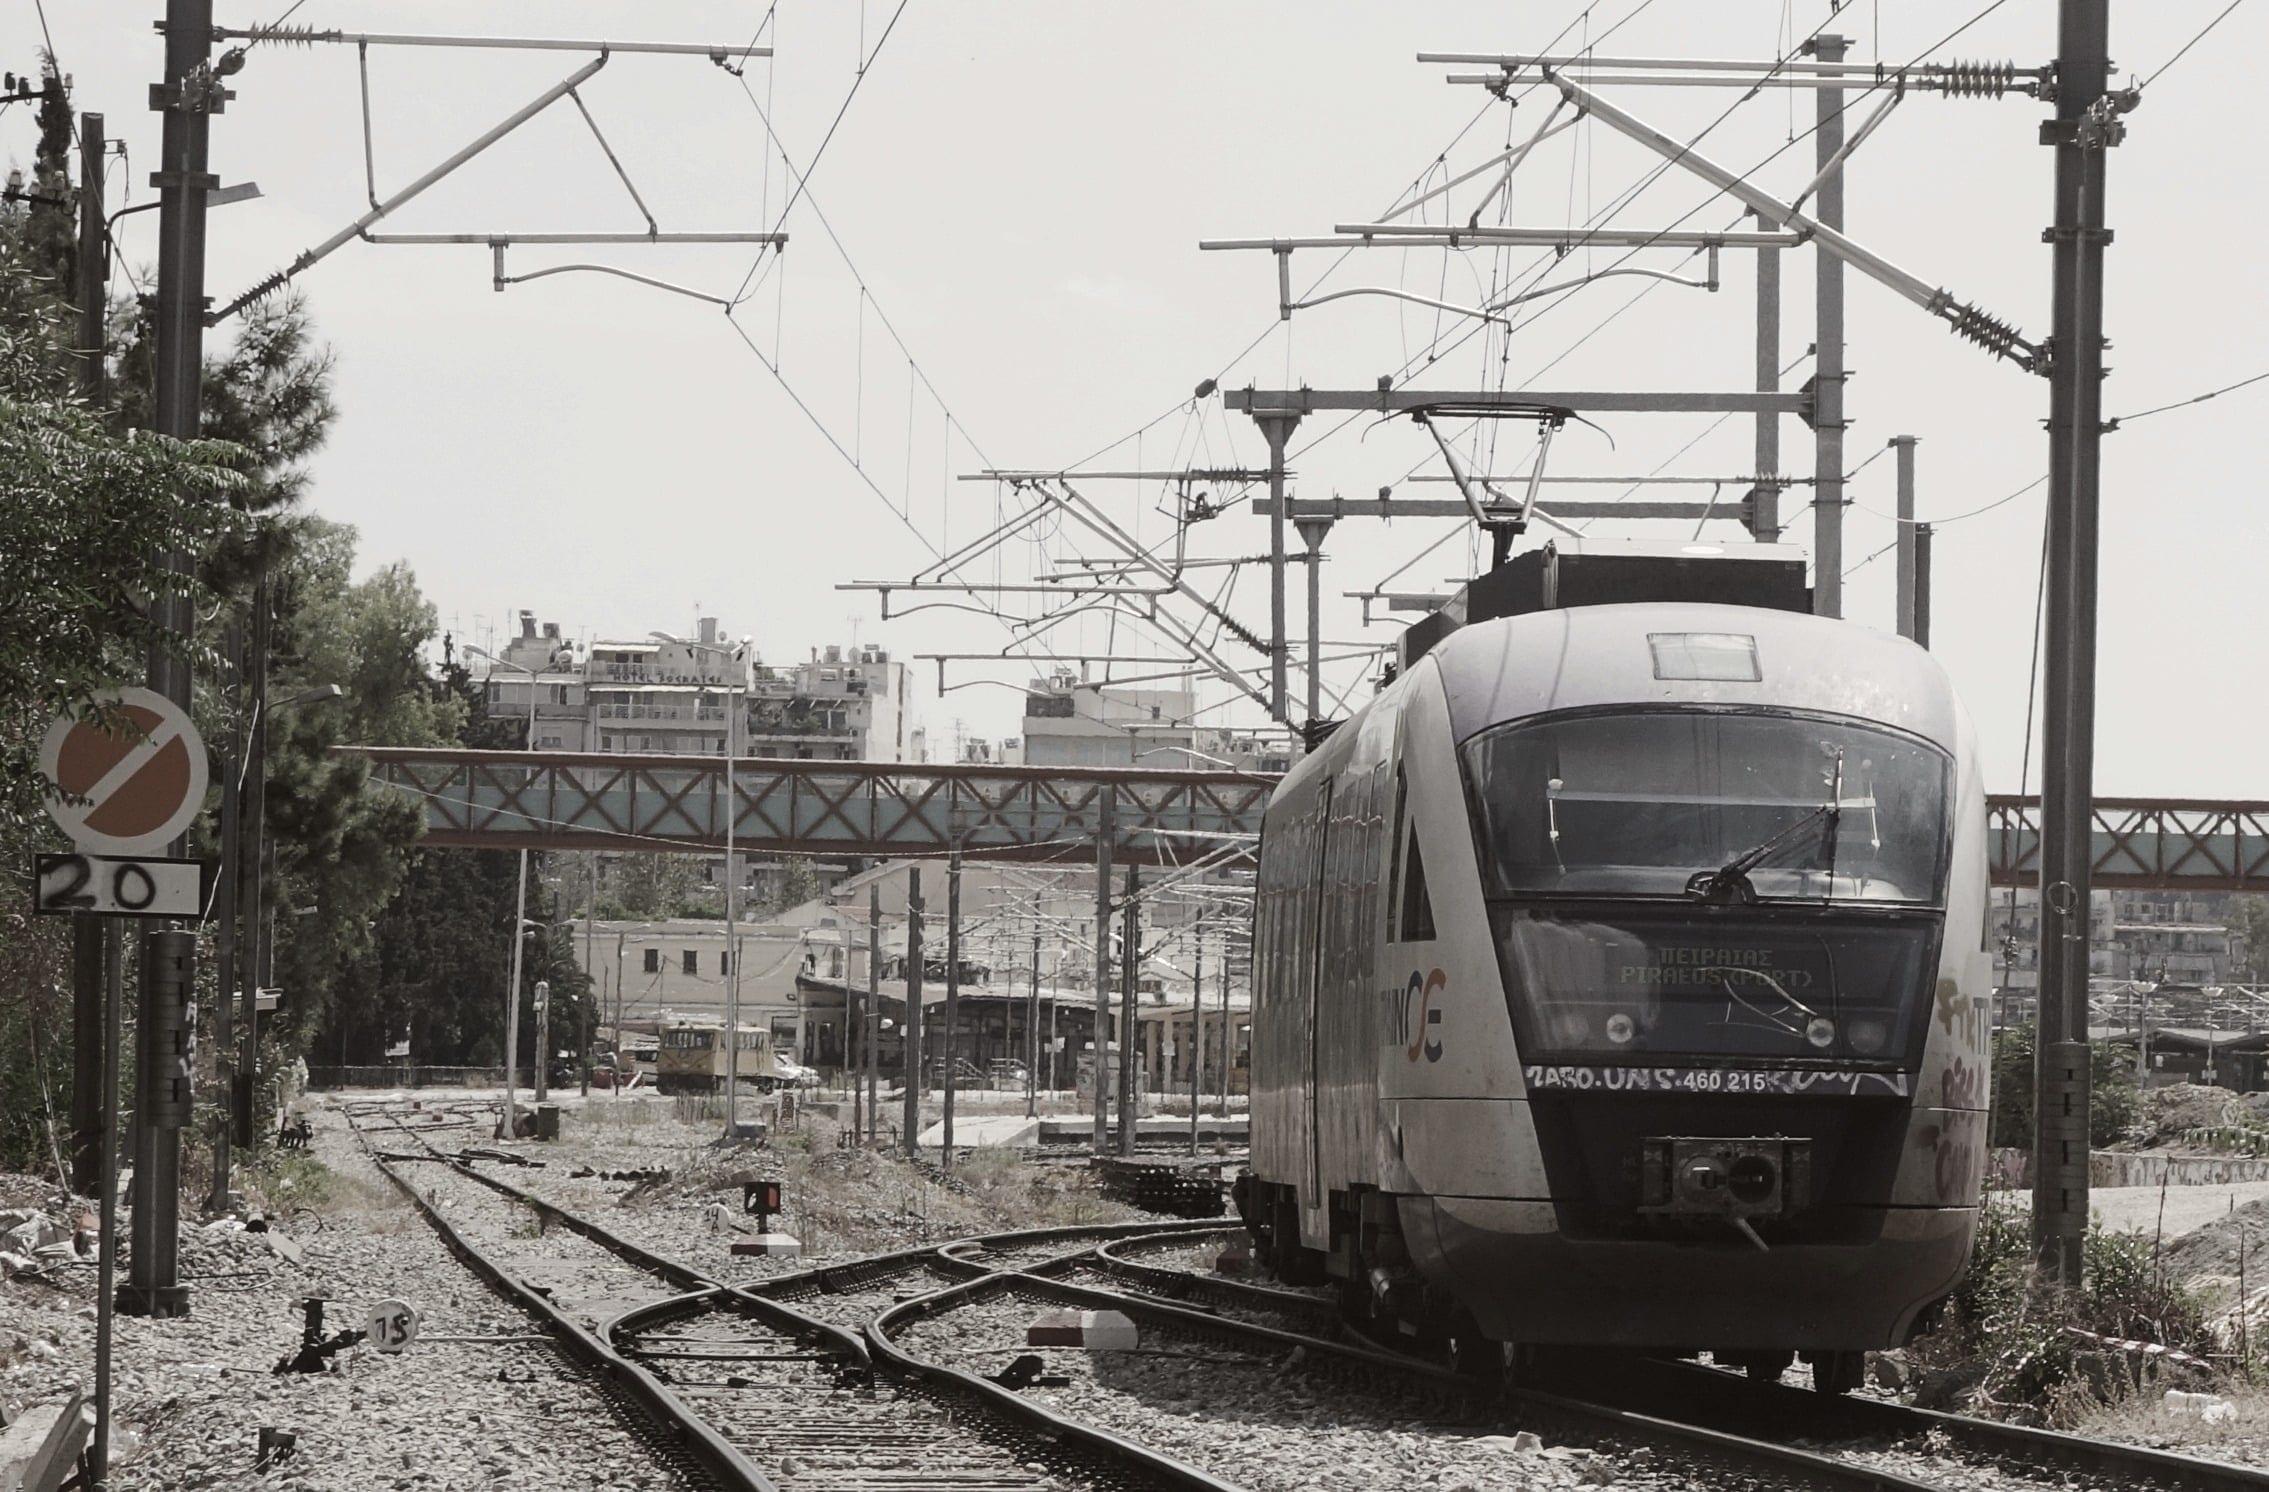 Δρομολόγια προαστιακού και τρένων αναστέλλονται από 23/3 Στάσεις εργασίας 5 Νοεμβρίου Απεργία προαστιακός τρένα ΝΟέμβριος